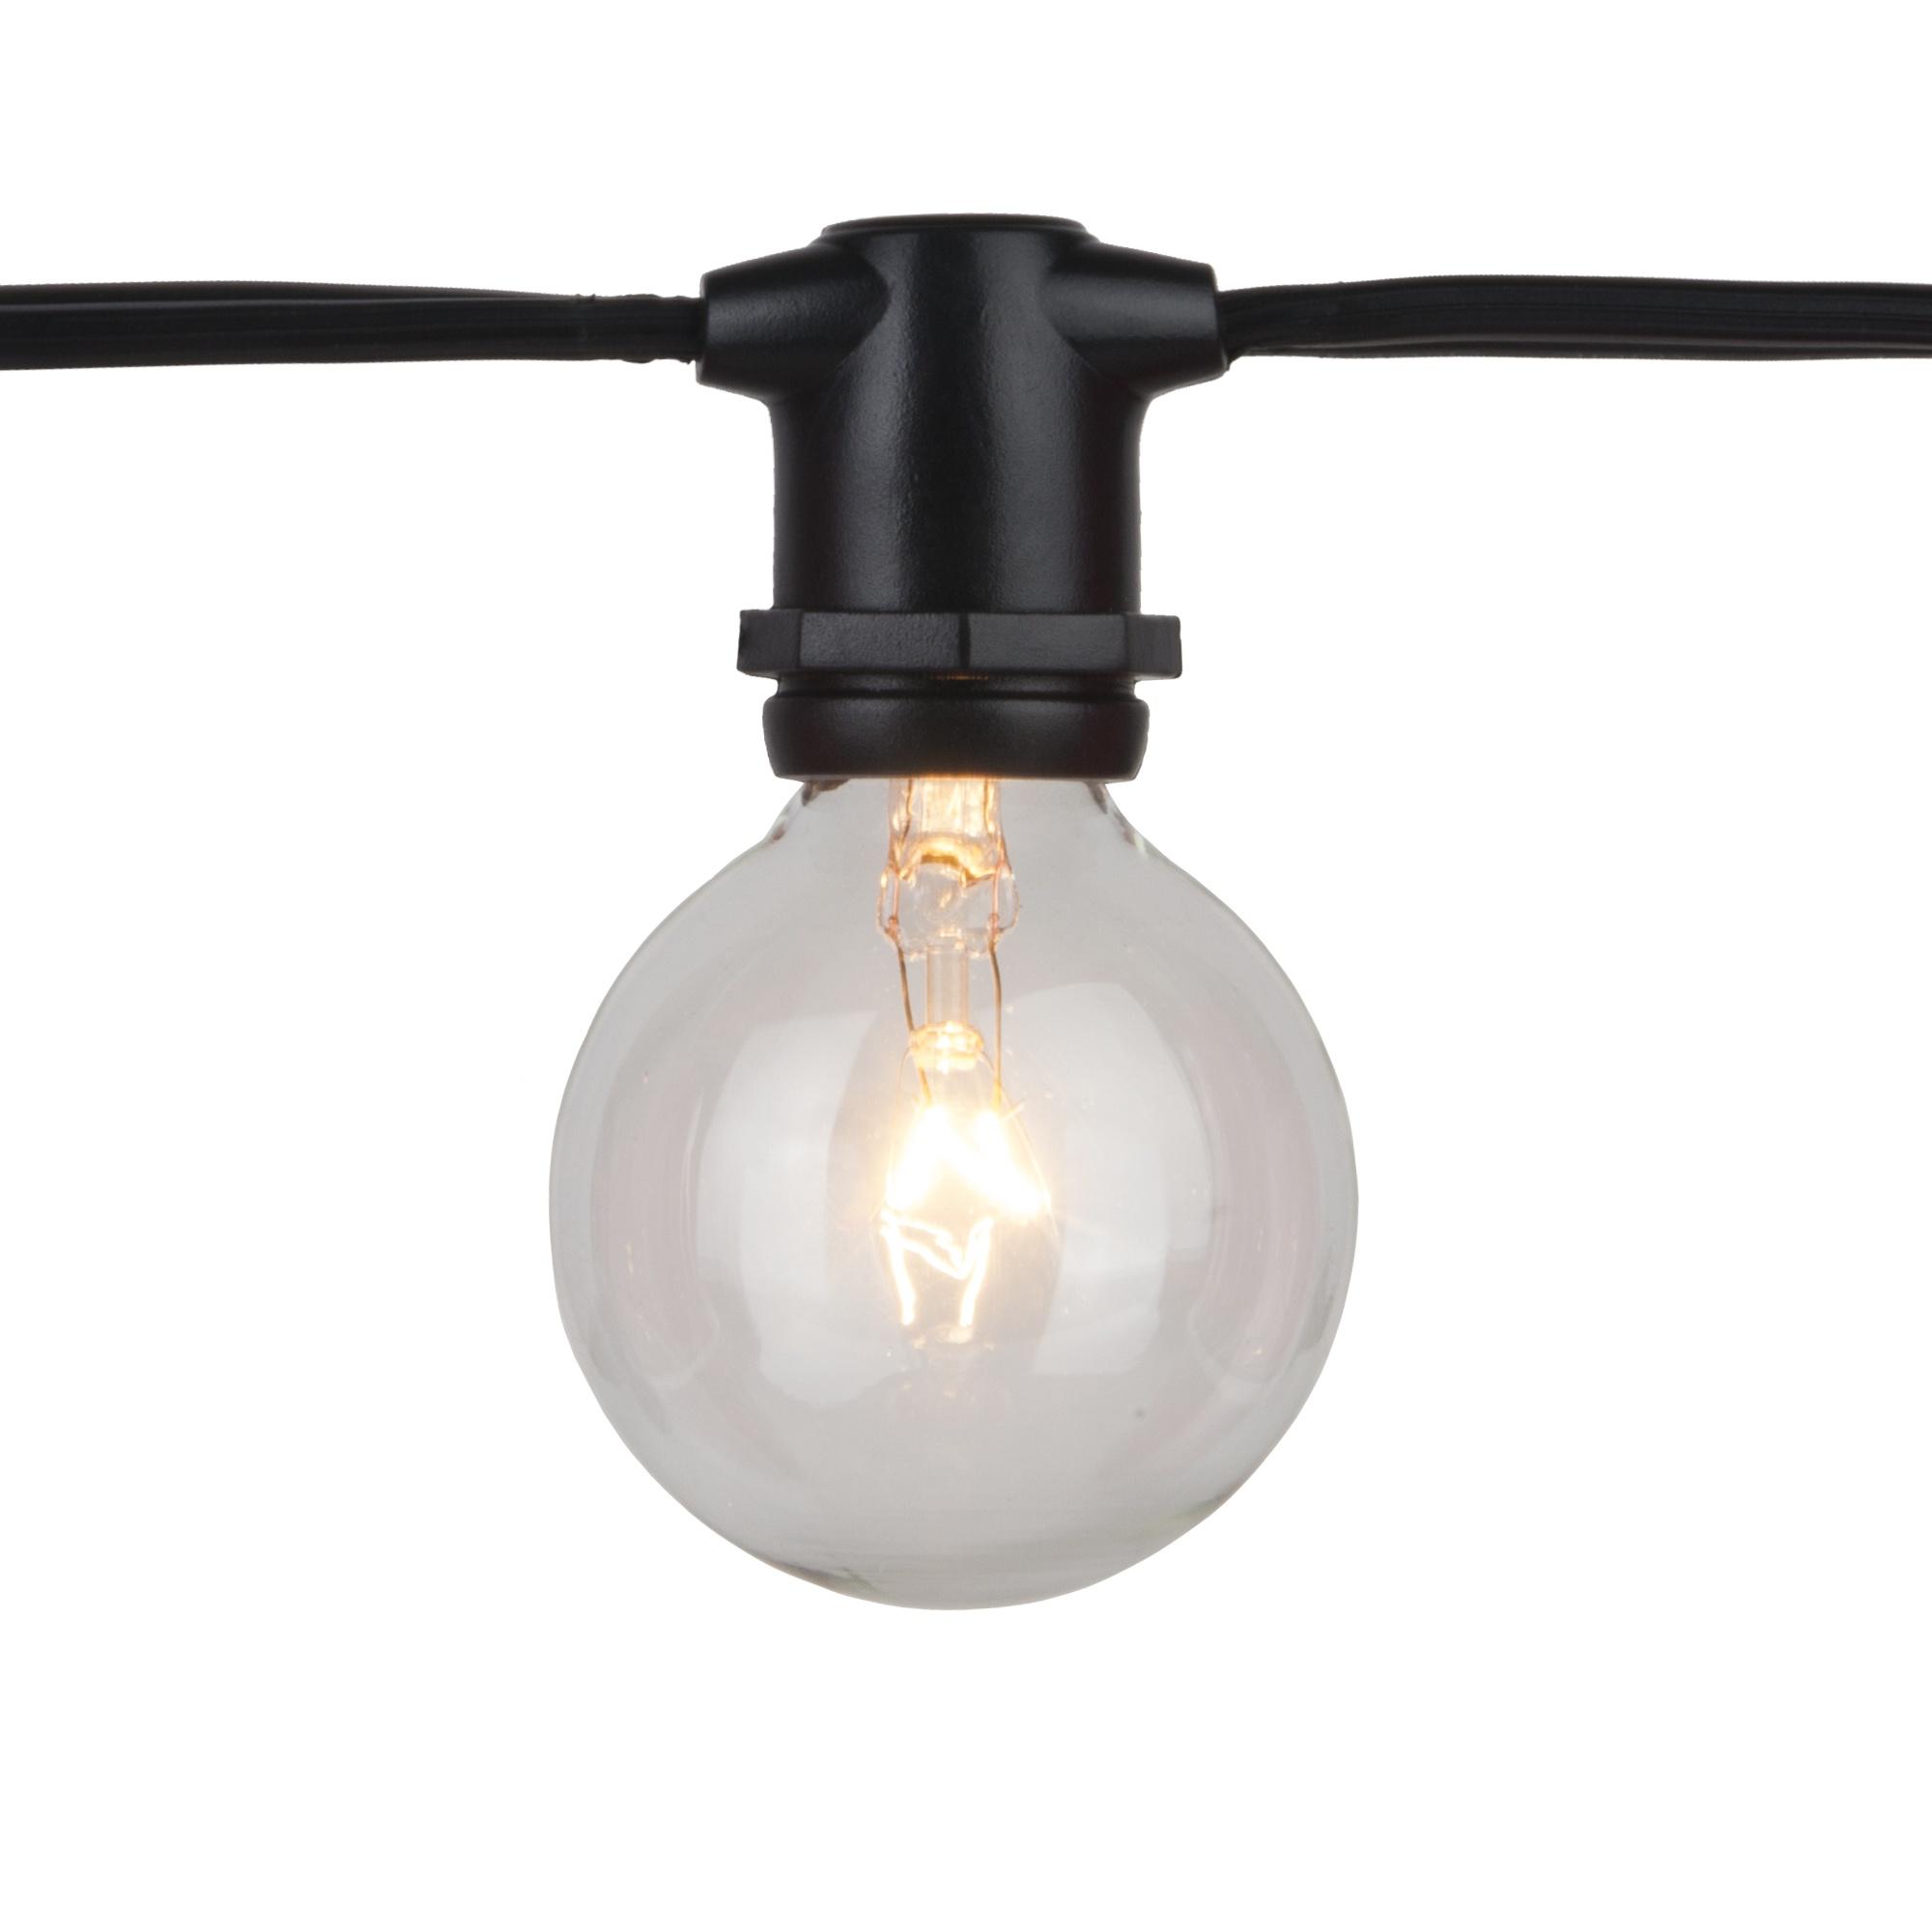 C9 Christmas Lights 100 39 C9 Commercial Patio Light Stringer SPT2 Black